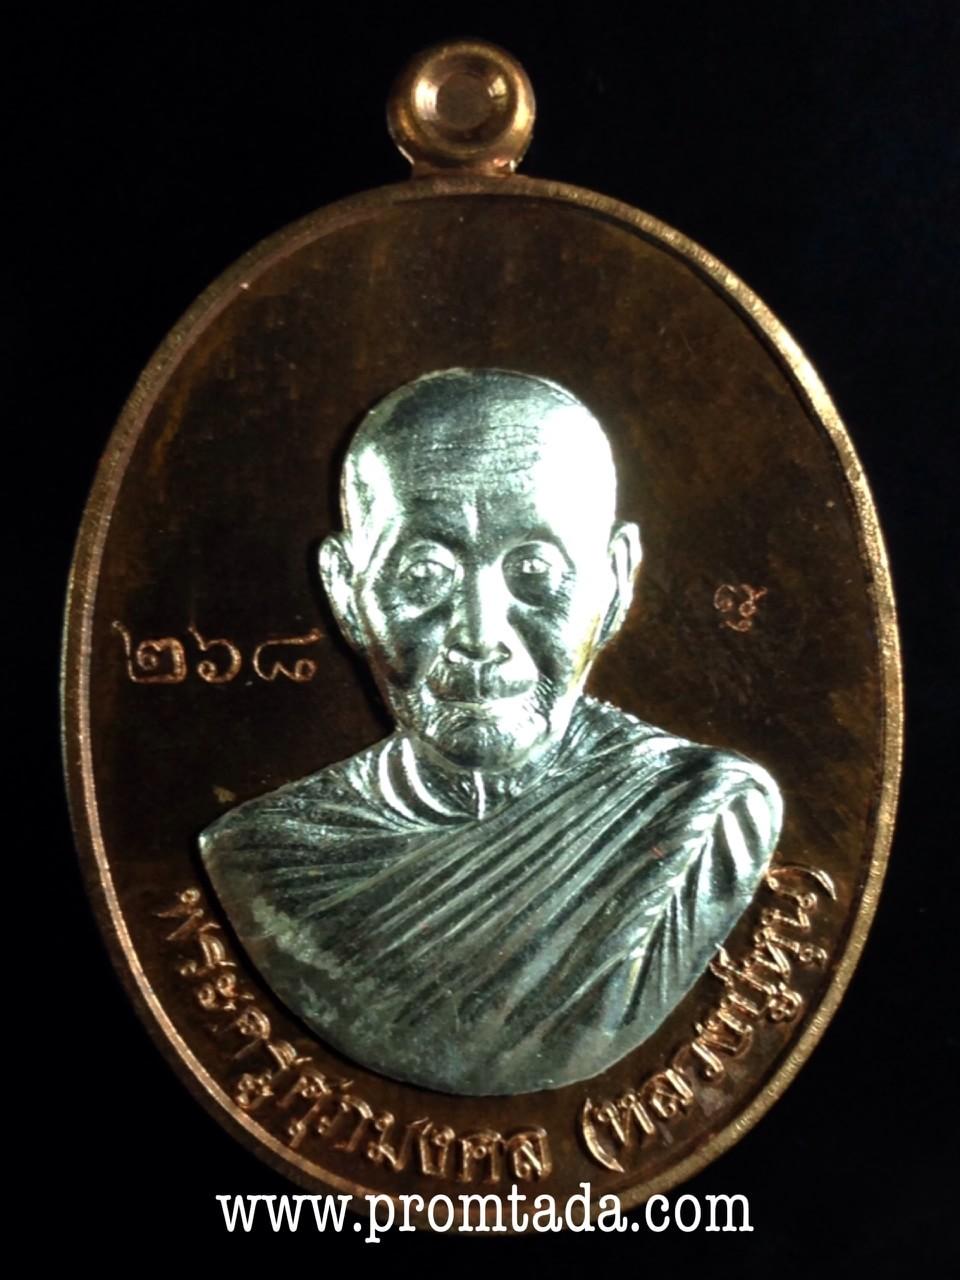 เหรียญเต็มองค์ห่มคลุม ปี2558 เนื้อนวะหน้ากากเงิน หลวงปู่หุน วัดบางผึ้ง